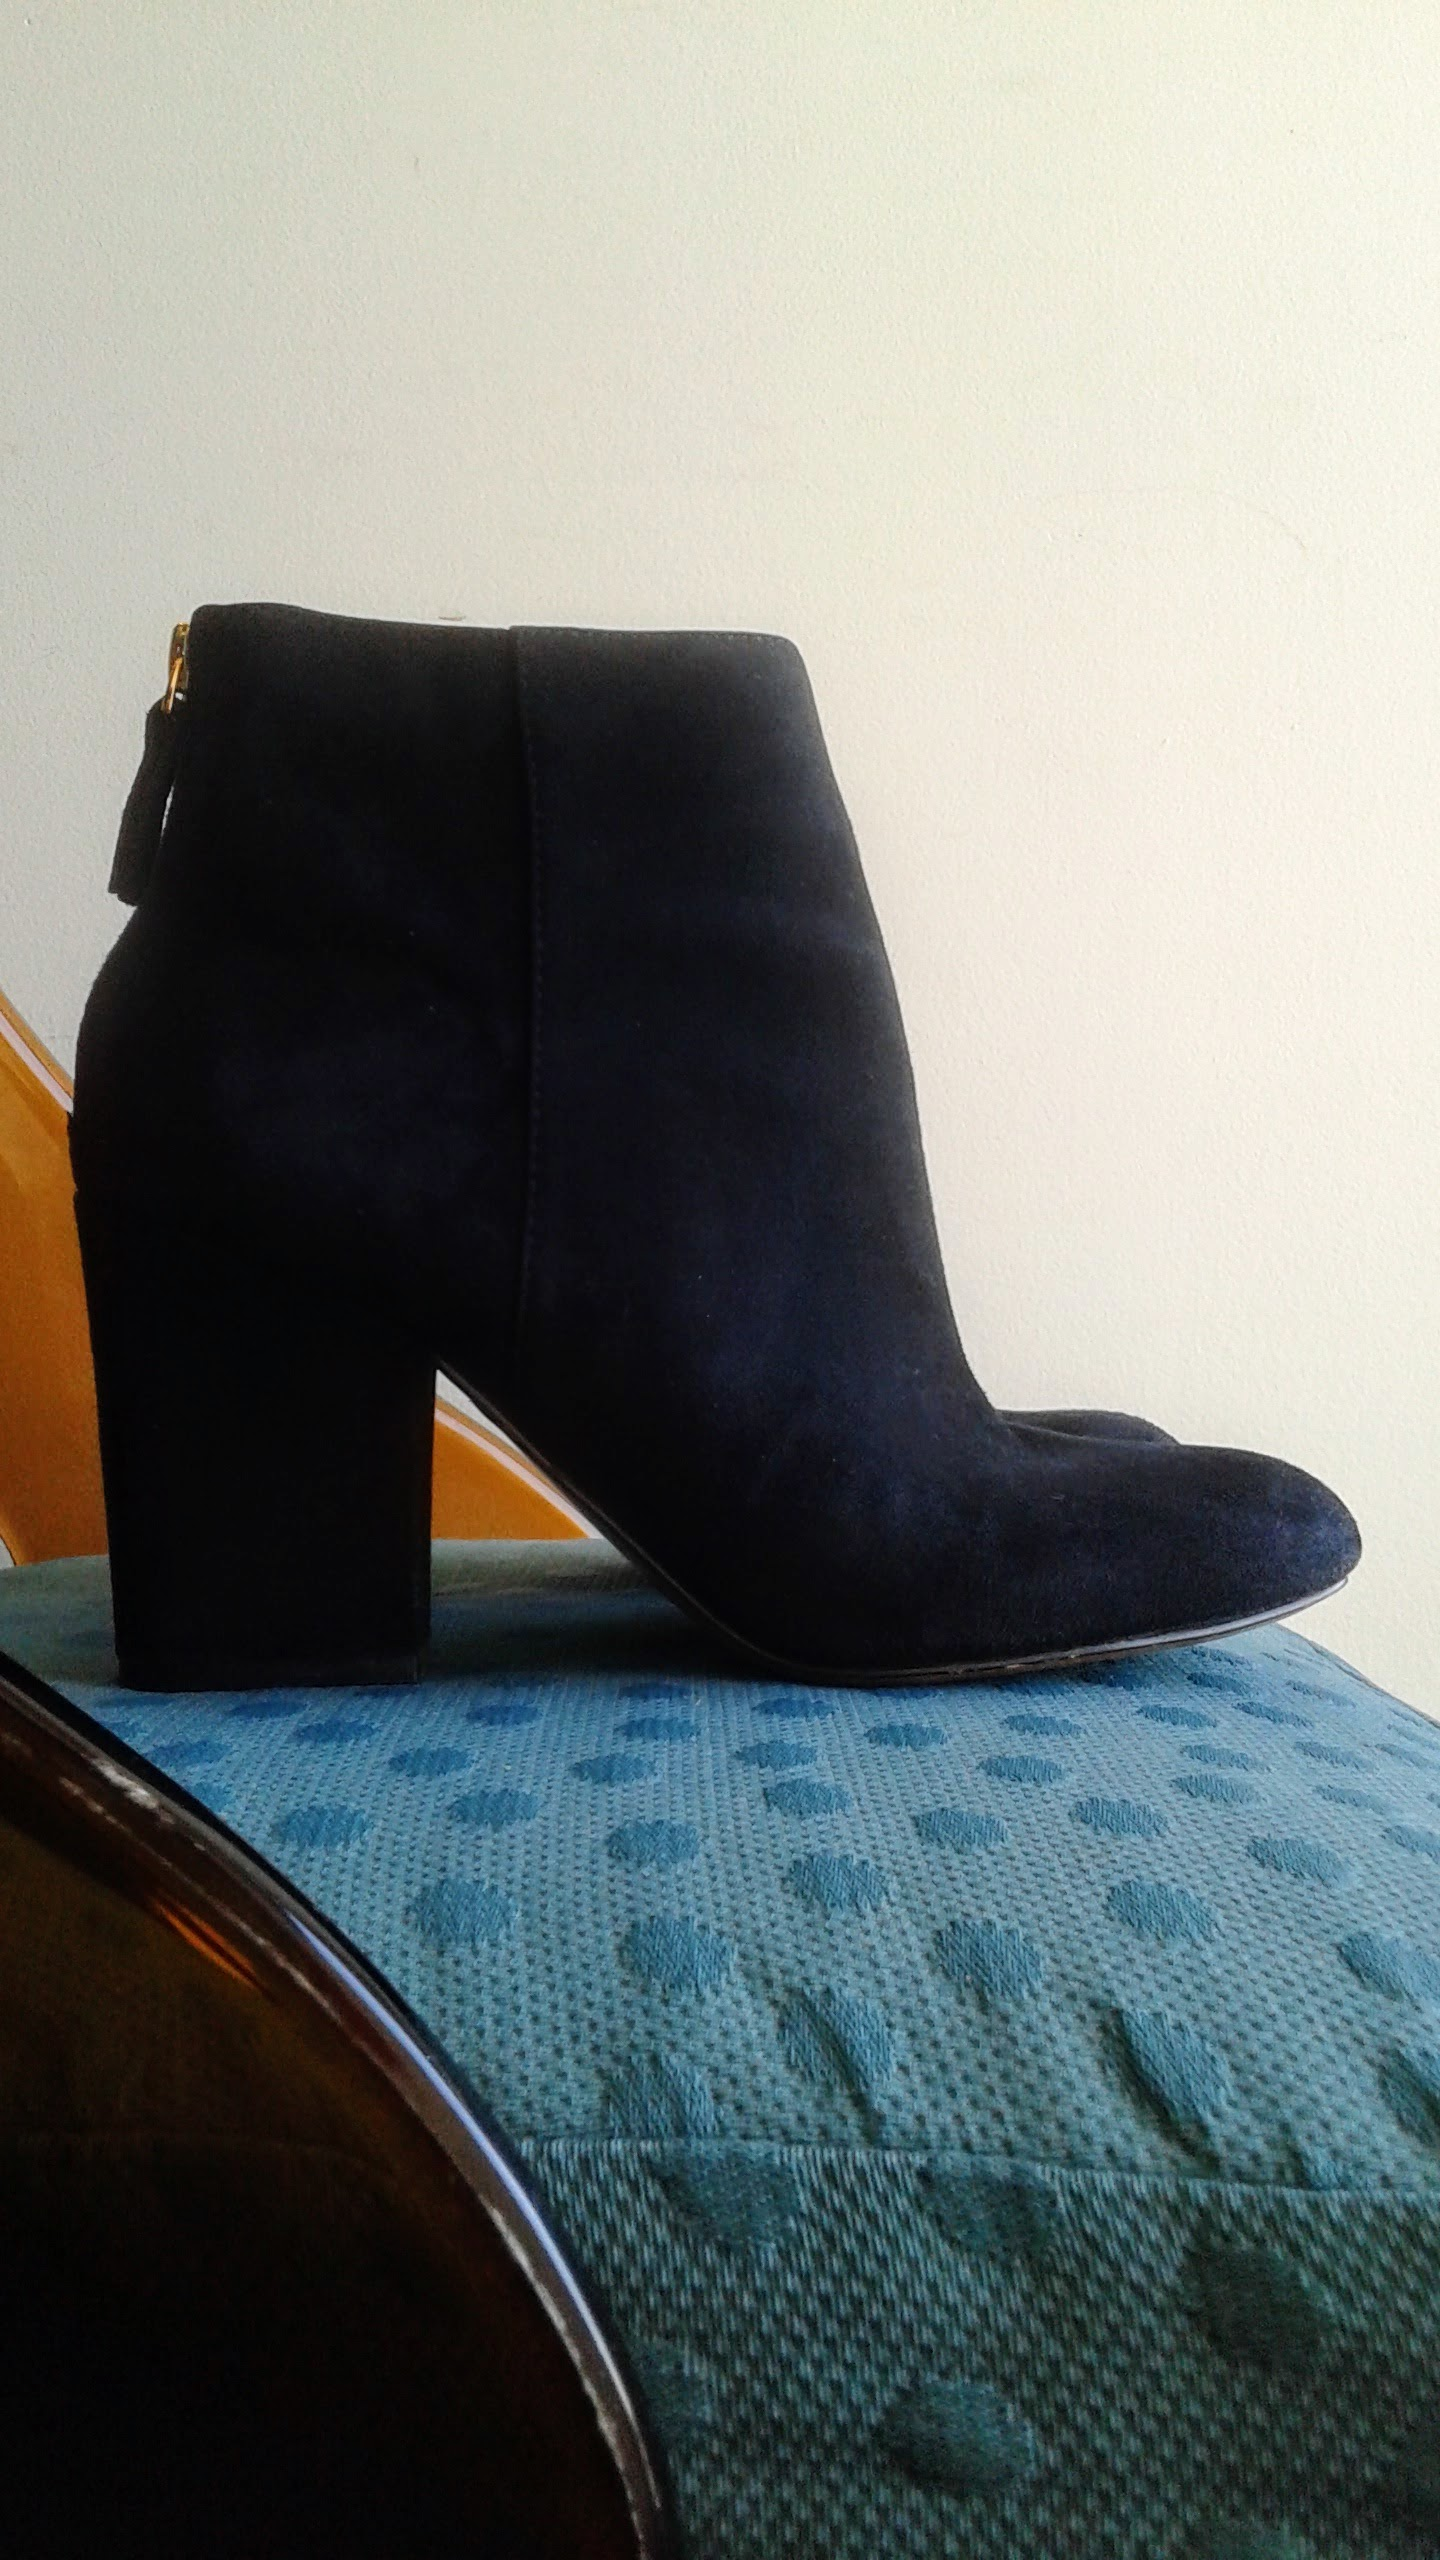 Nine West boots; S8, $82